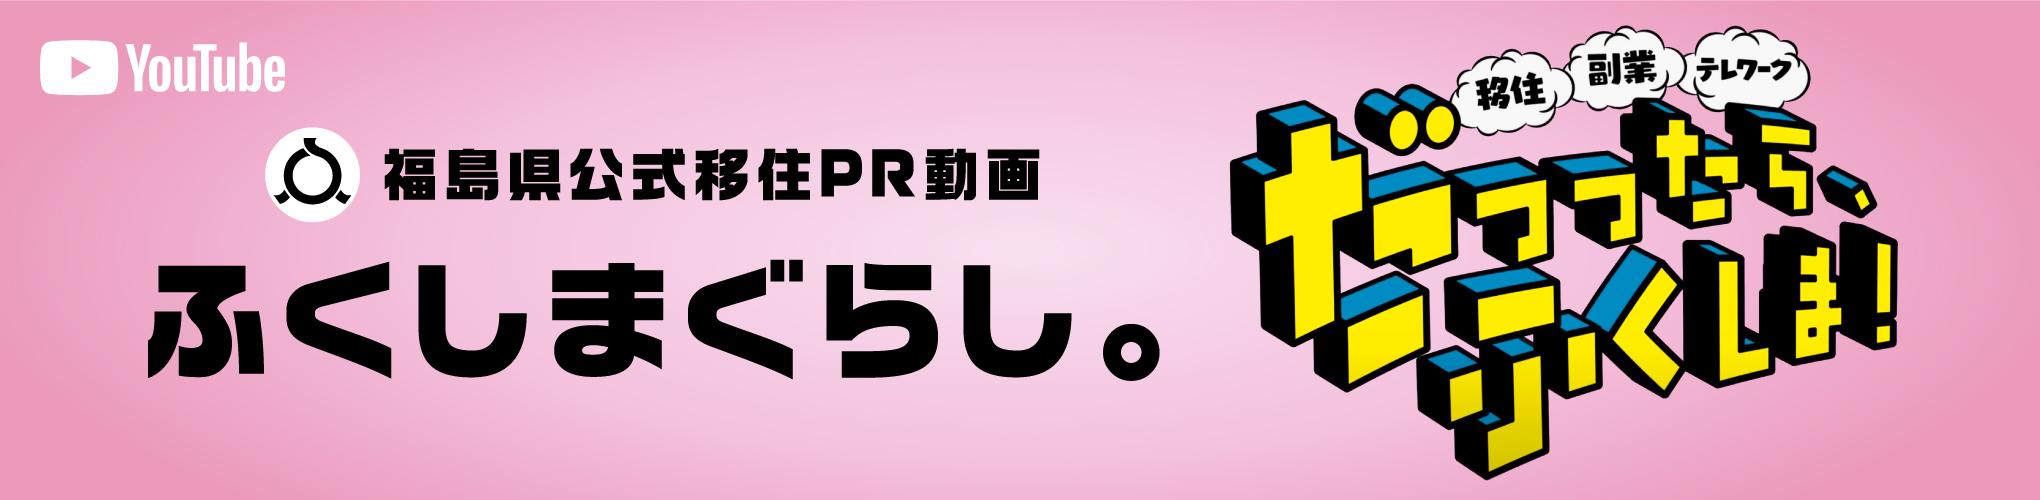 Youtube 福島県公式移住PR動画 ふくしまぐらし